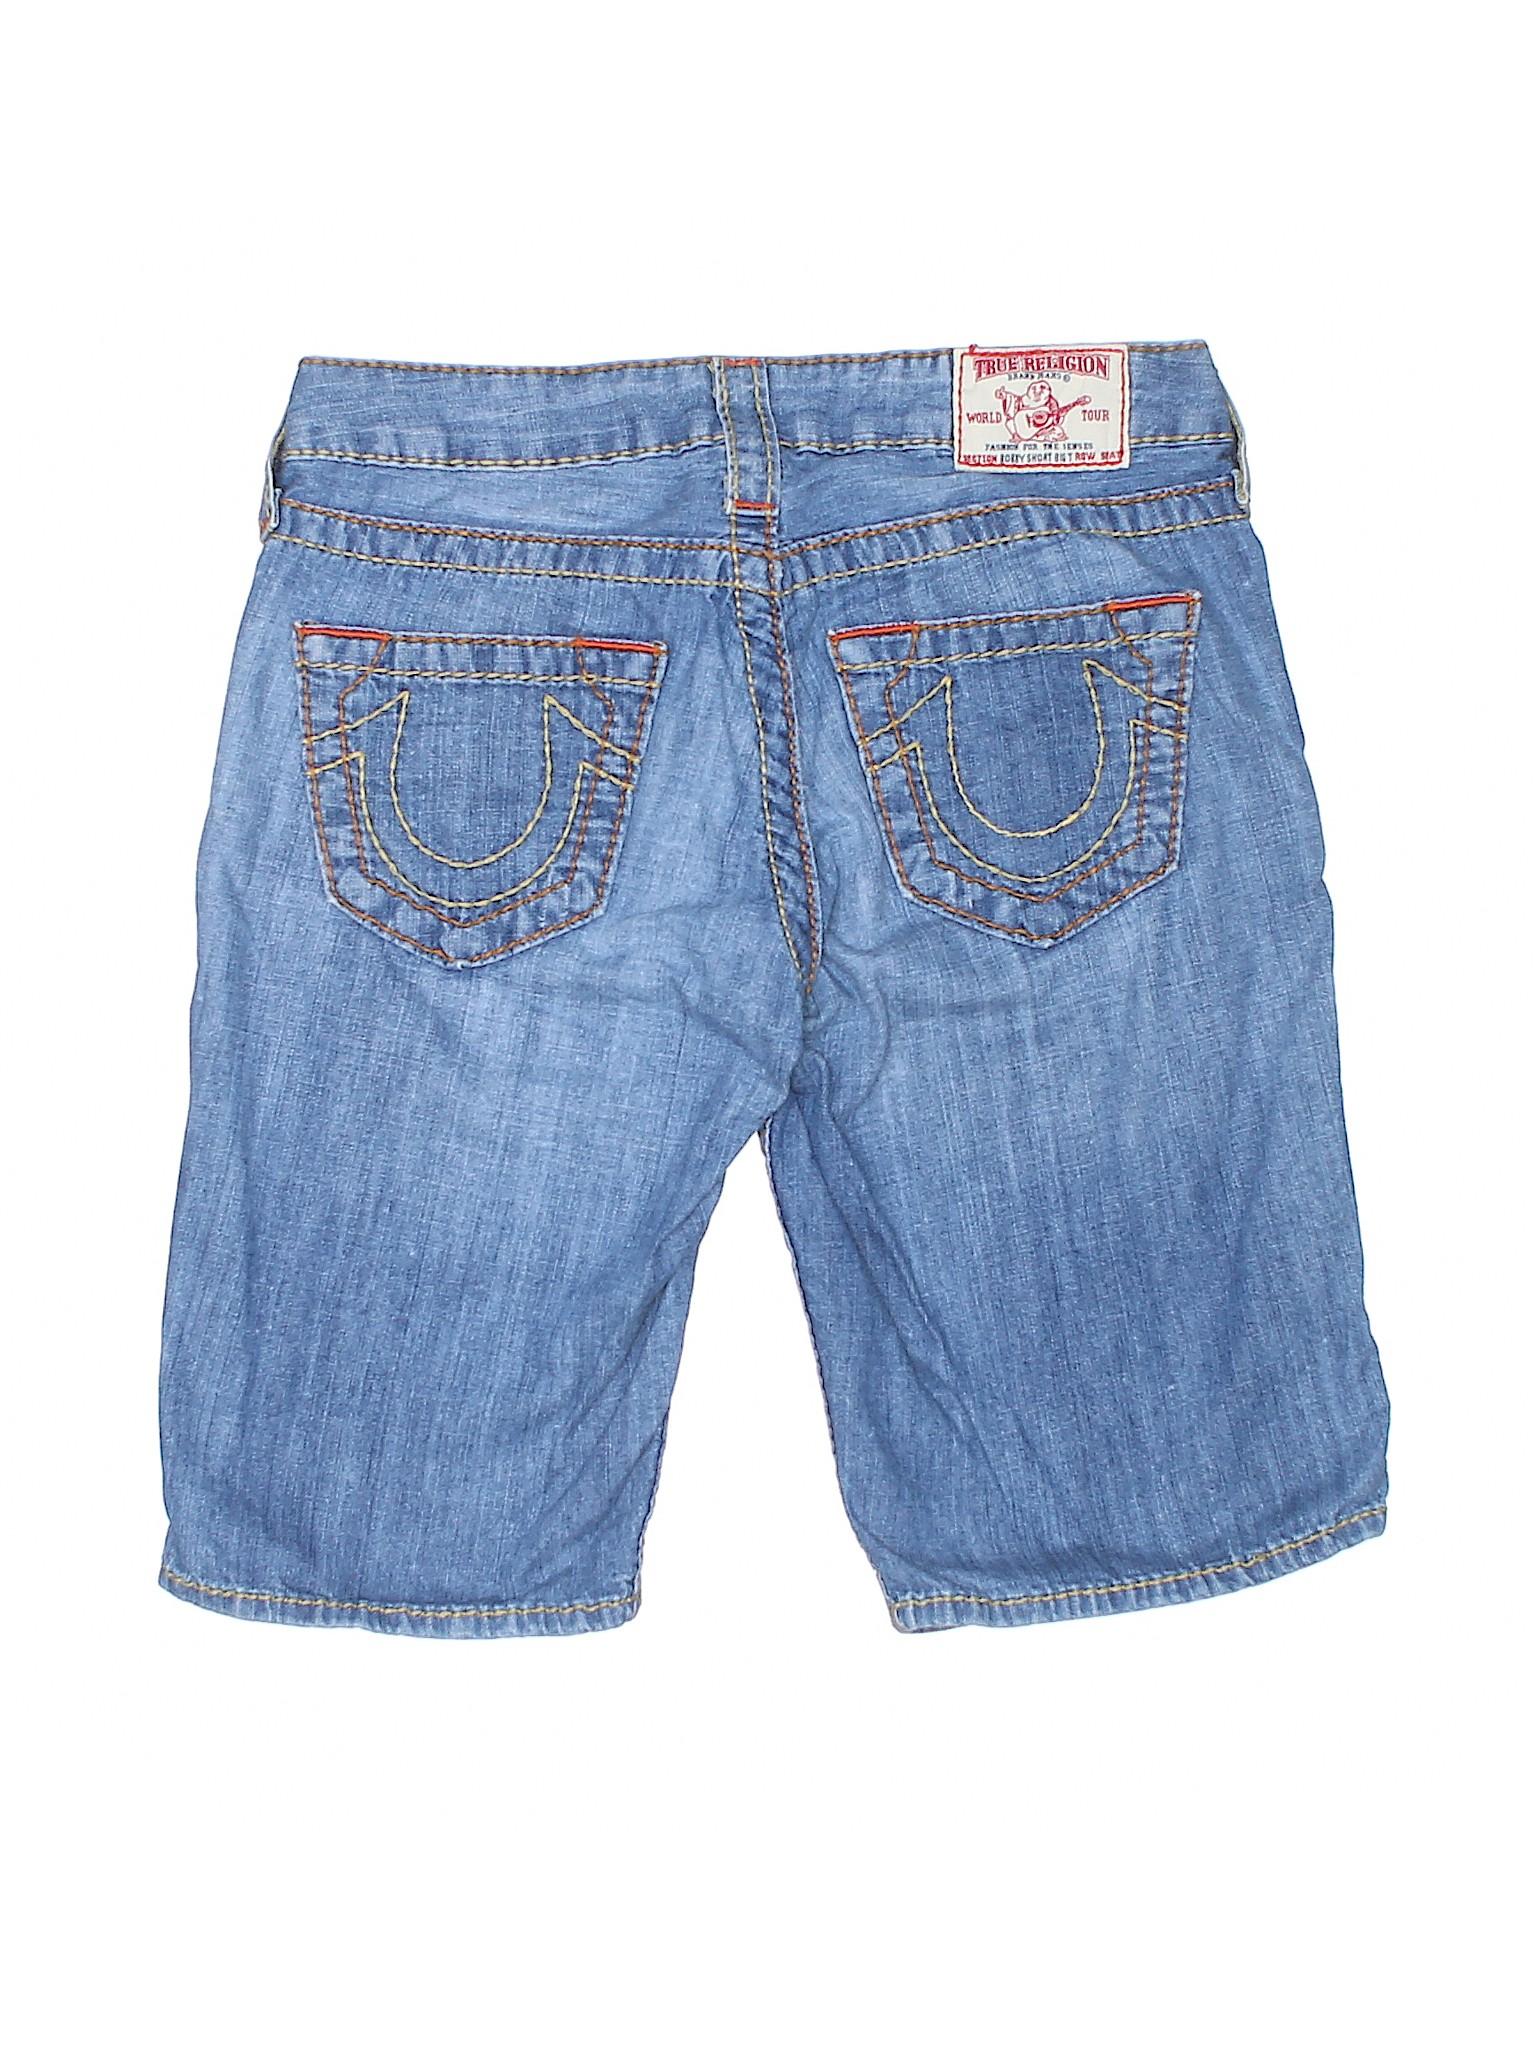 Boutique Boutique Denim True Religion True Denim Boutique True Religion Religion Shorts Denim Shorts XqTWfw6t